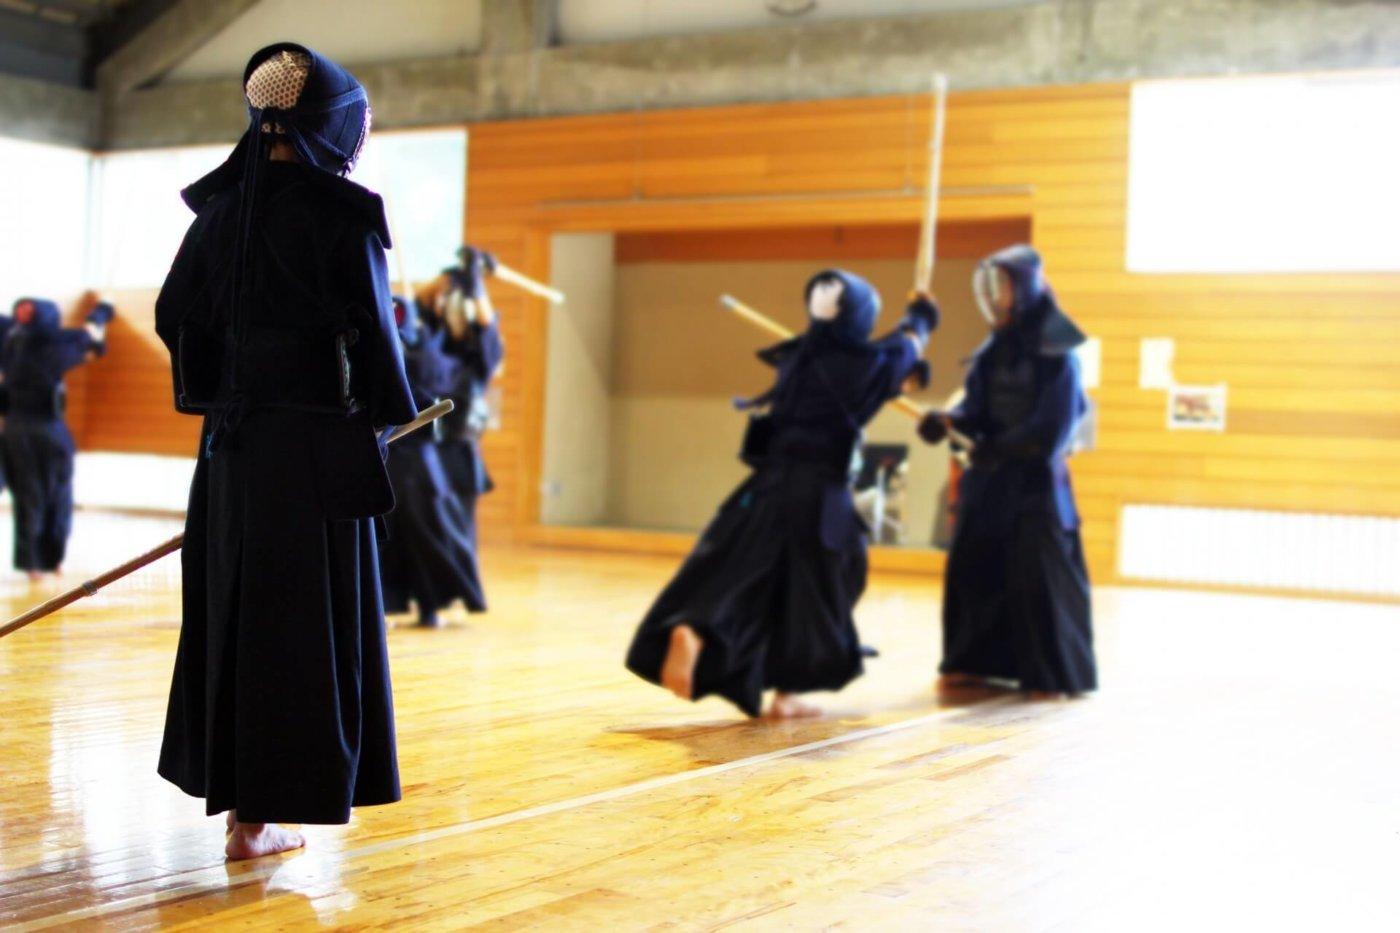 剣道の技は「決まり手」とはちょっと違う